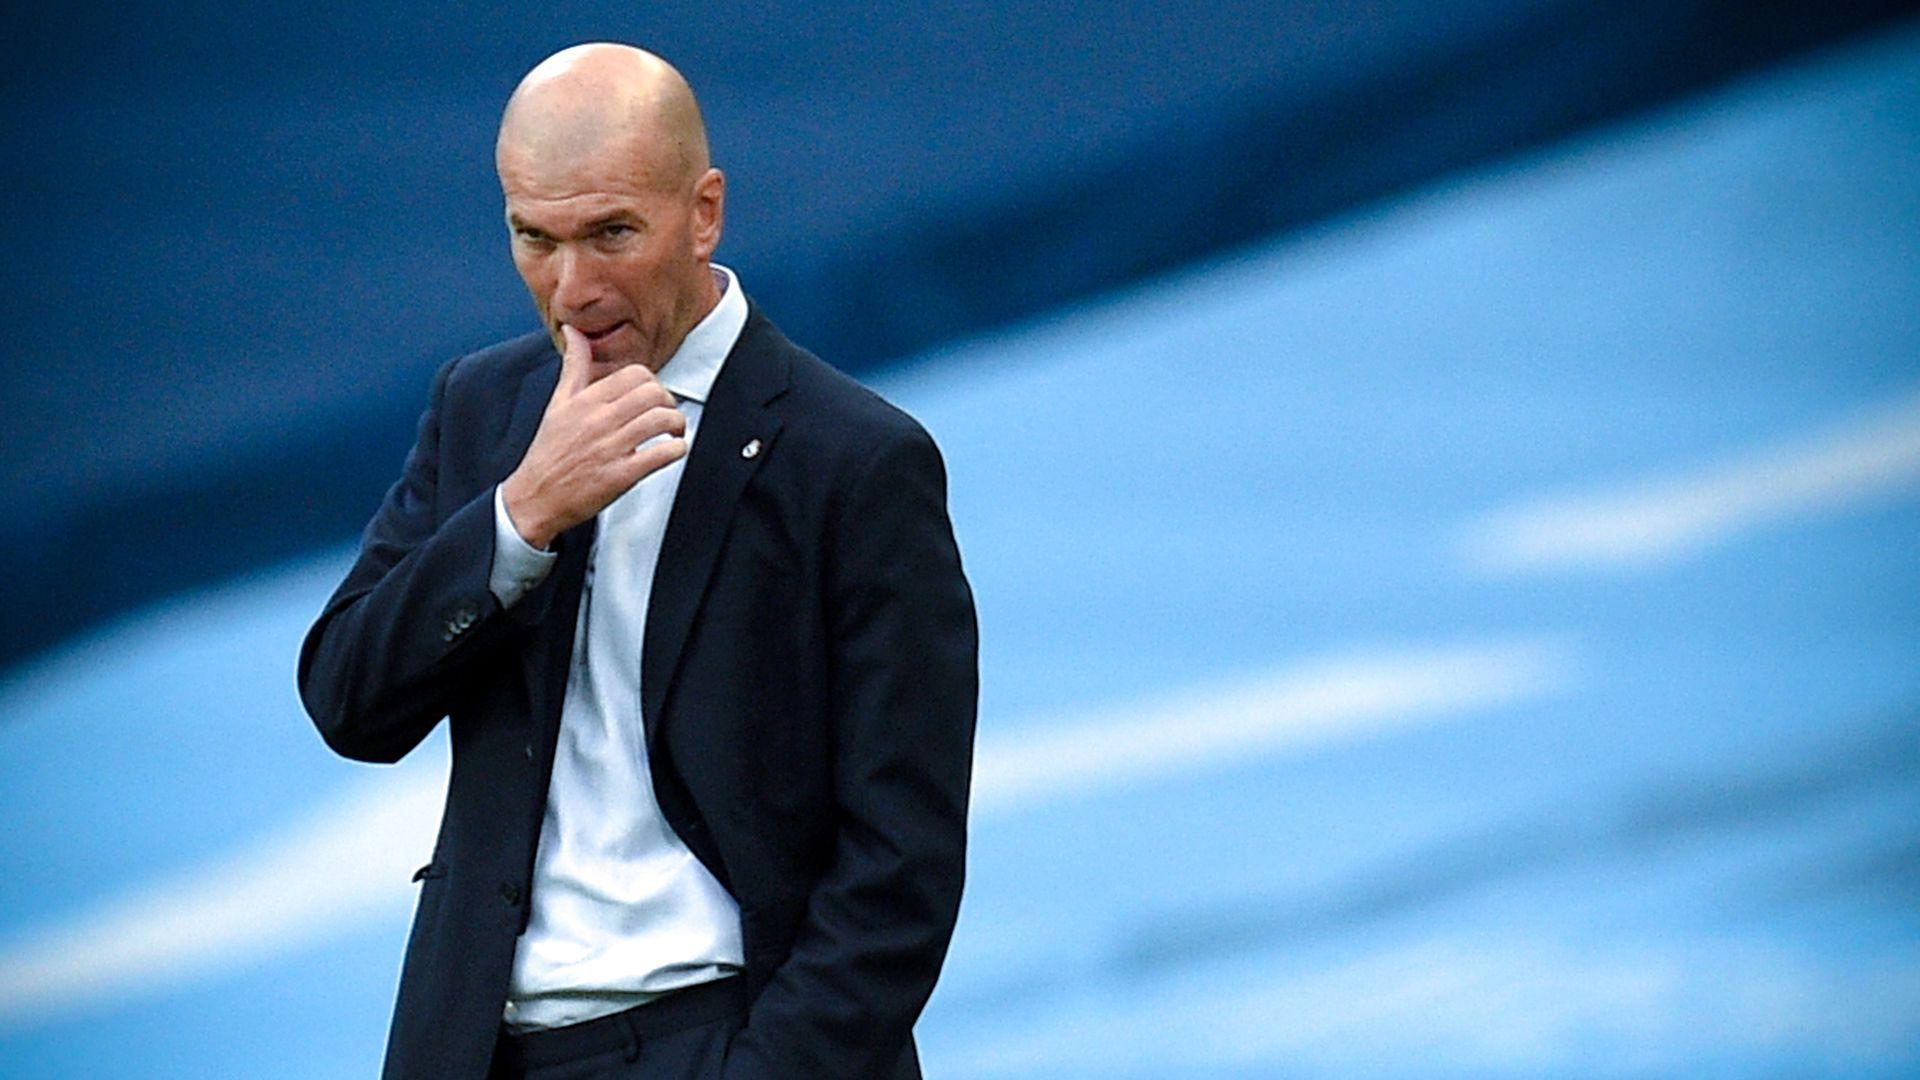 Zidane descarta a Raúl Jiménez como refuerzo de Real Madrid y asegura que no ficharán más futbolistas